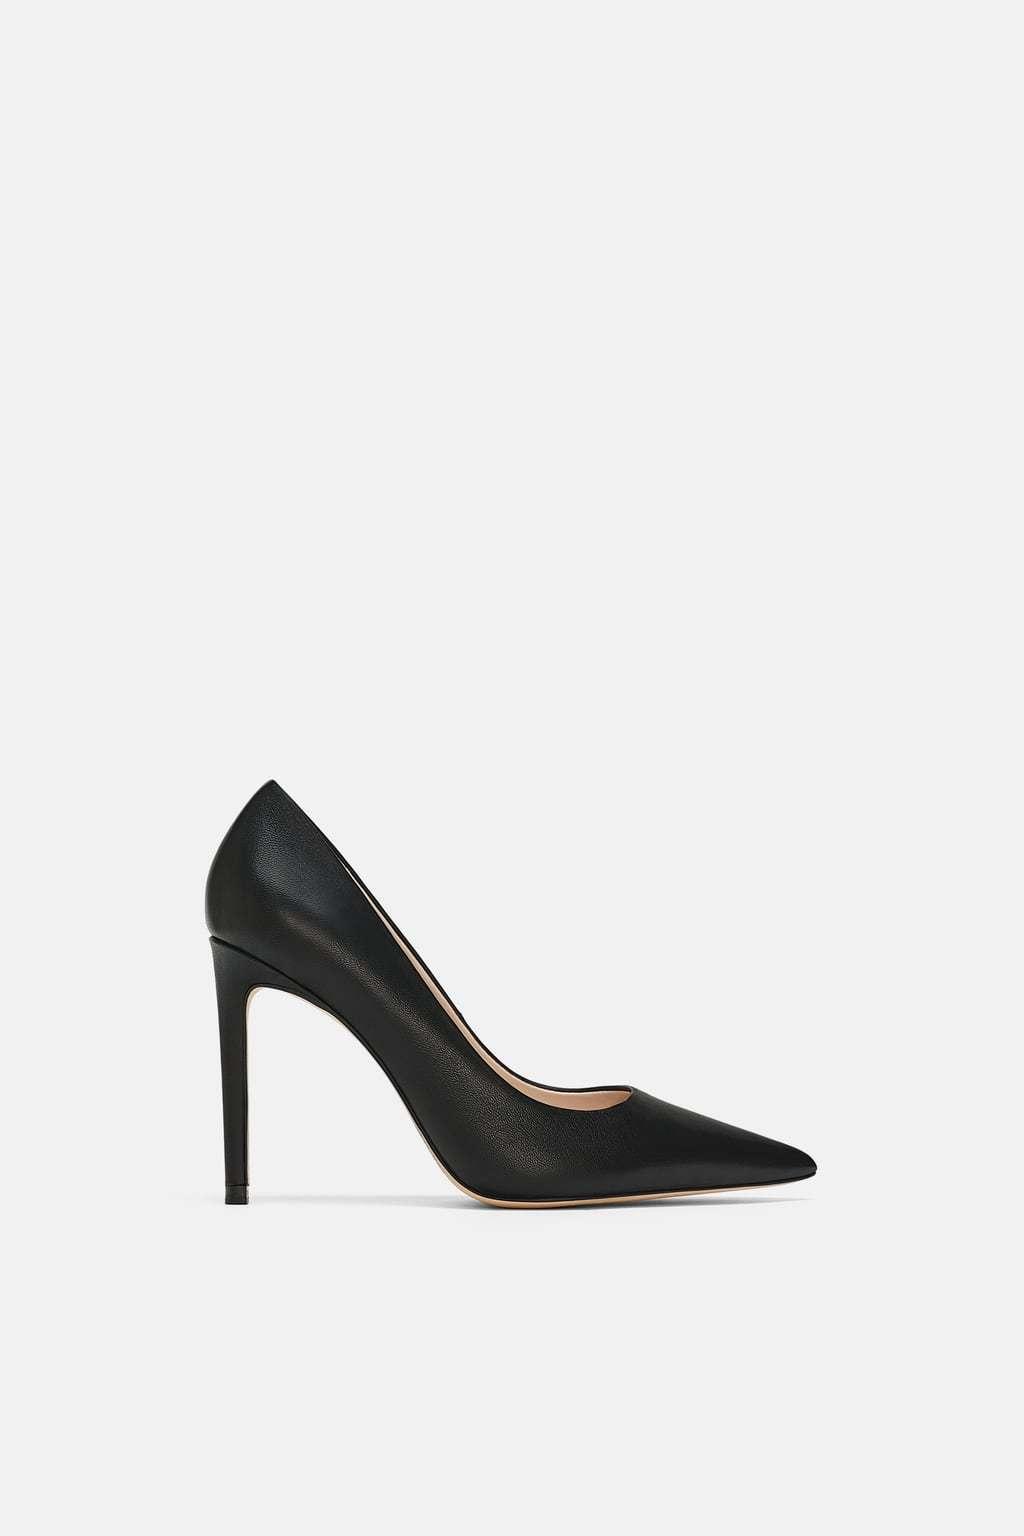 Zapato con tacón fino de piel de Zara. Precio 45,95.